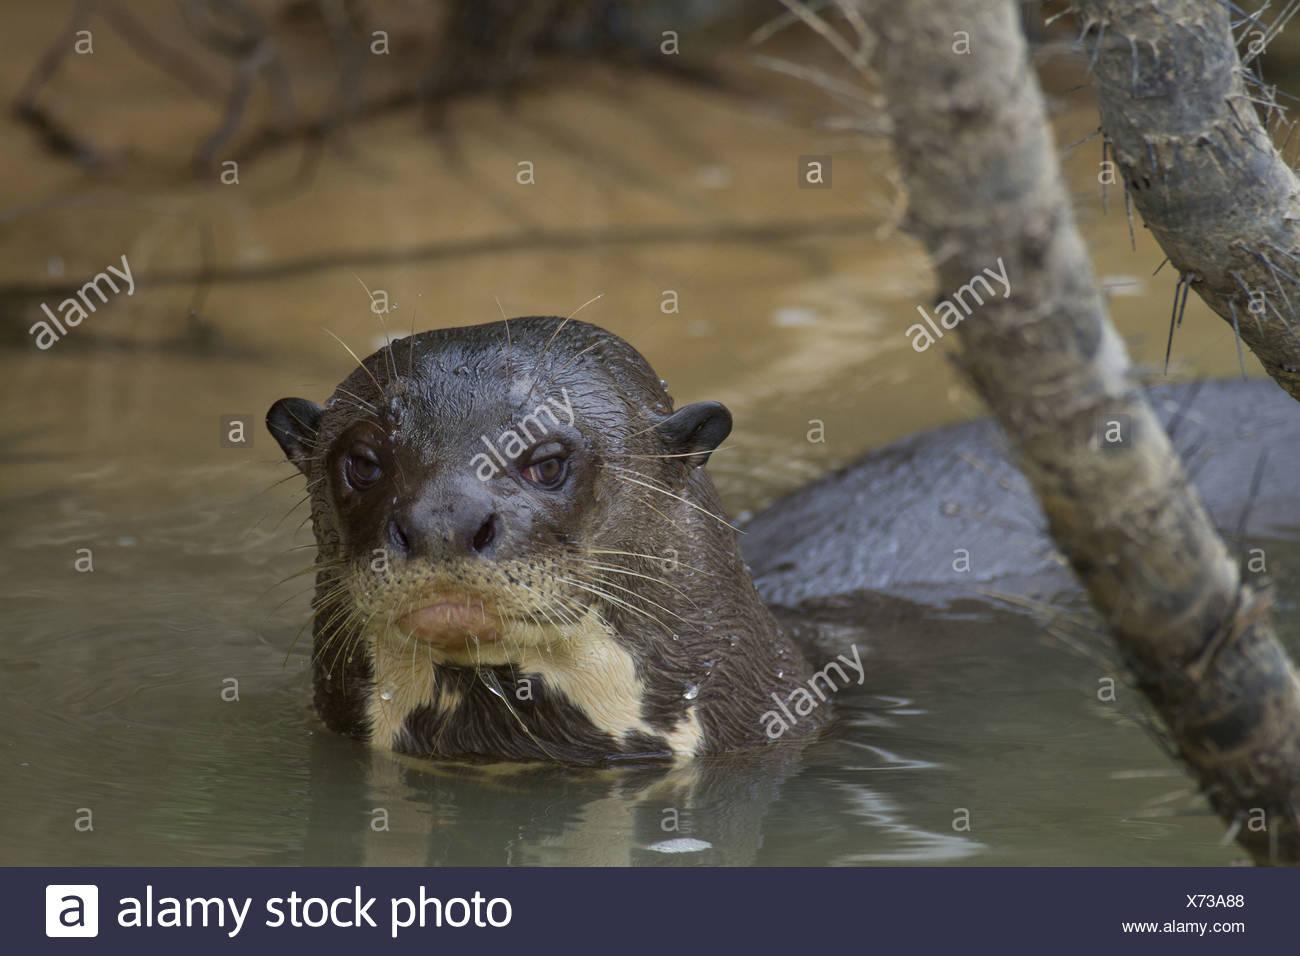 La loutre géante (Pteronura brasiliensis), adultes en rivière, fleuve Paraguay, Pantanal, Mato Grosso, Brésil Banque D'Images